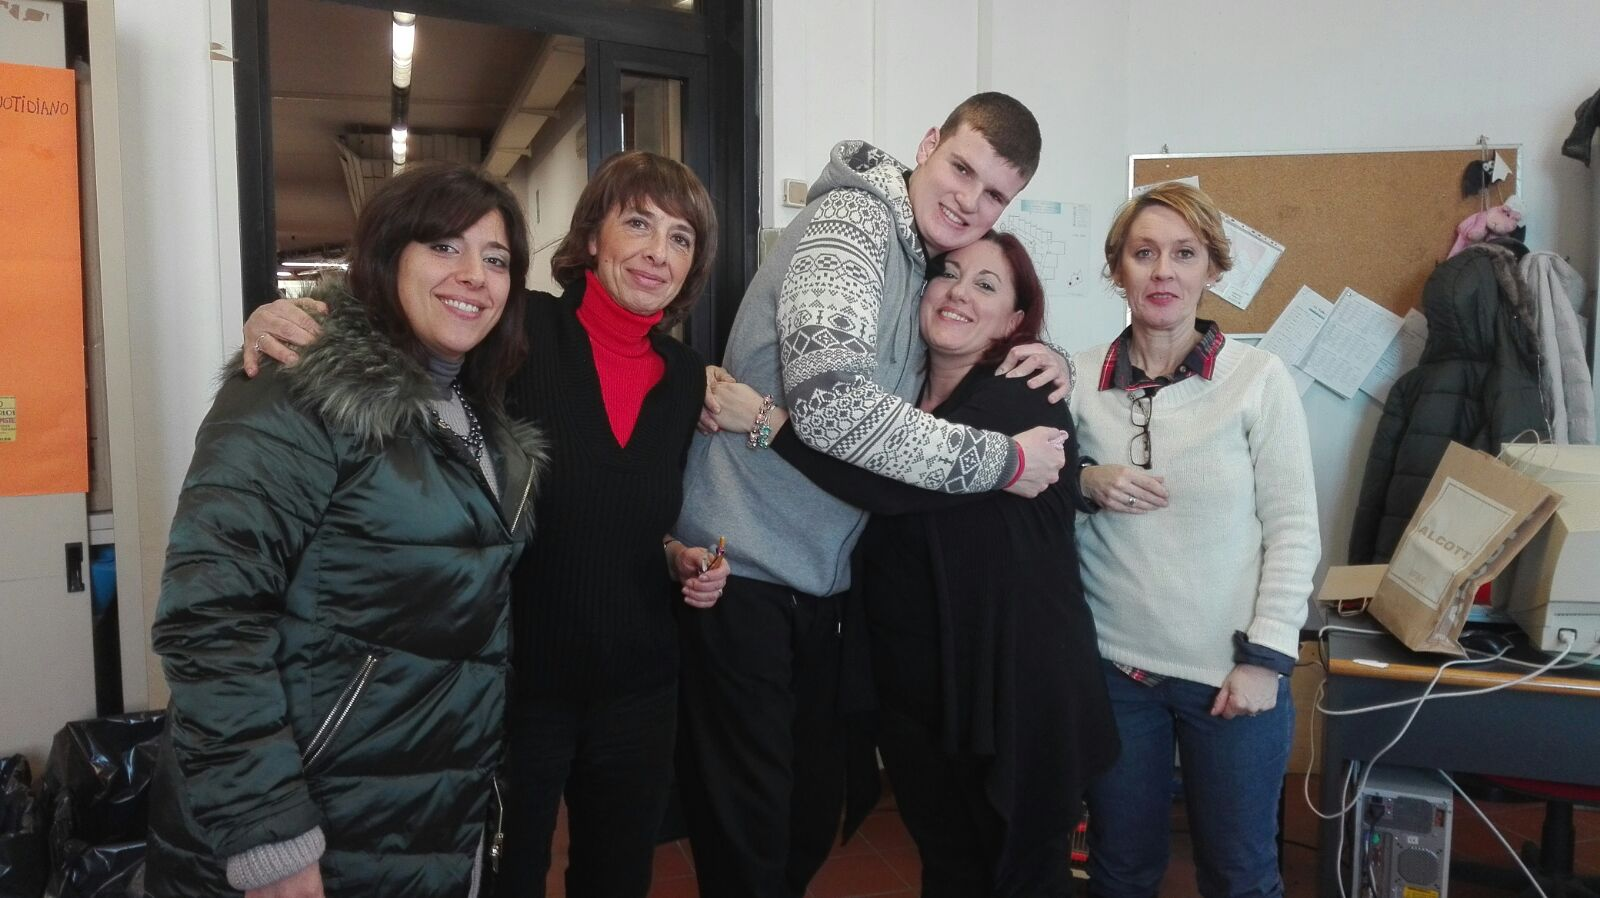 Nautico Artiglio punta sull'inclusione degli studenti con disabilità